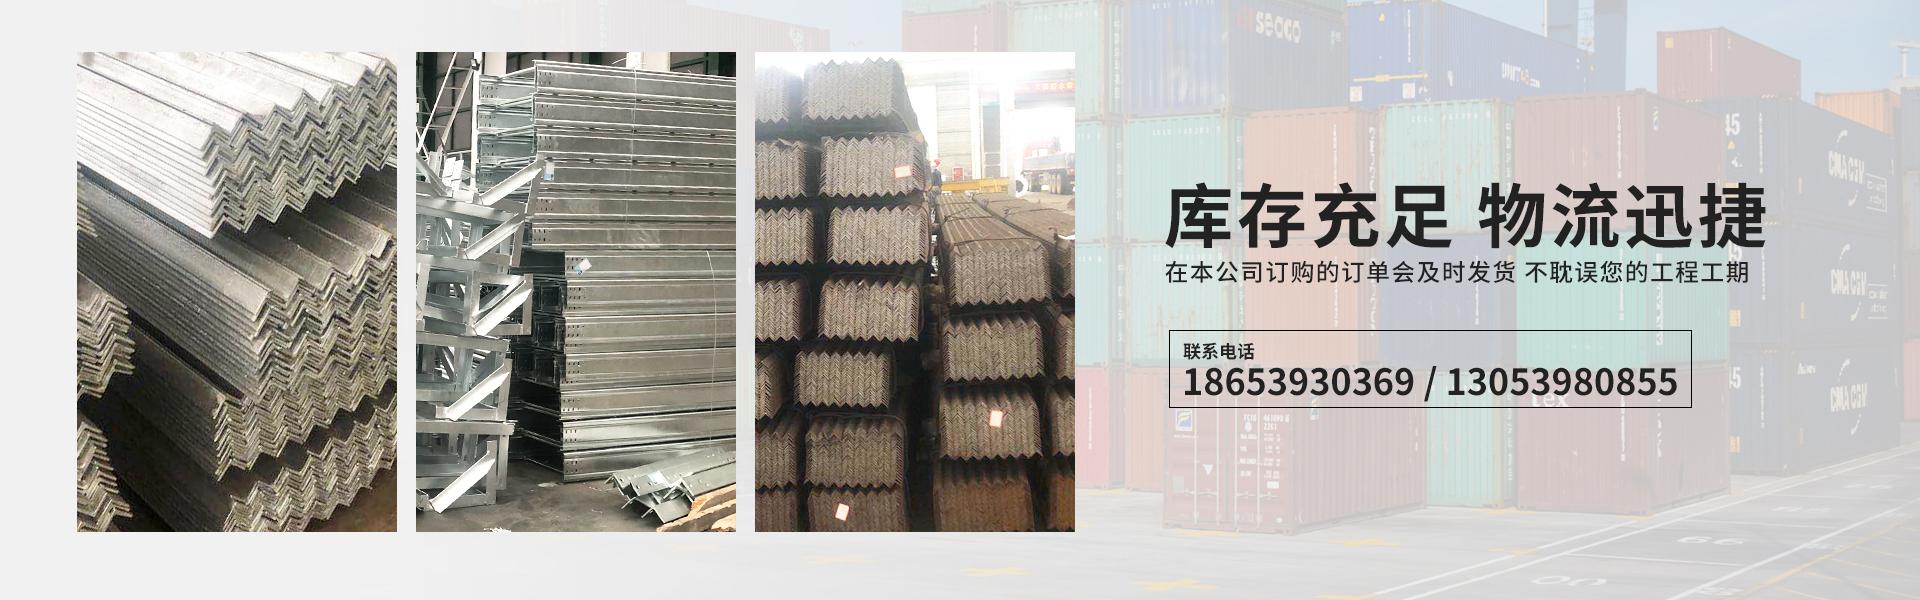 临沂市双达特钢经销有限公司是山东一家主要进行热镀锌加工的批发厂家,加工销售角铁,槽钢,中厚板和钢板等产品,质量保障,联系电话:18653930369,13053980855.